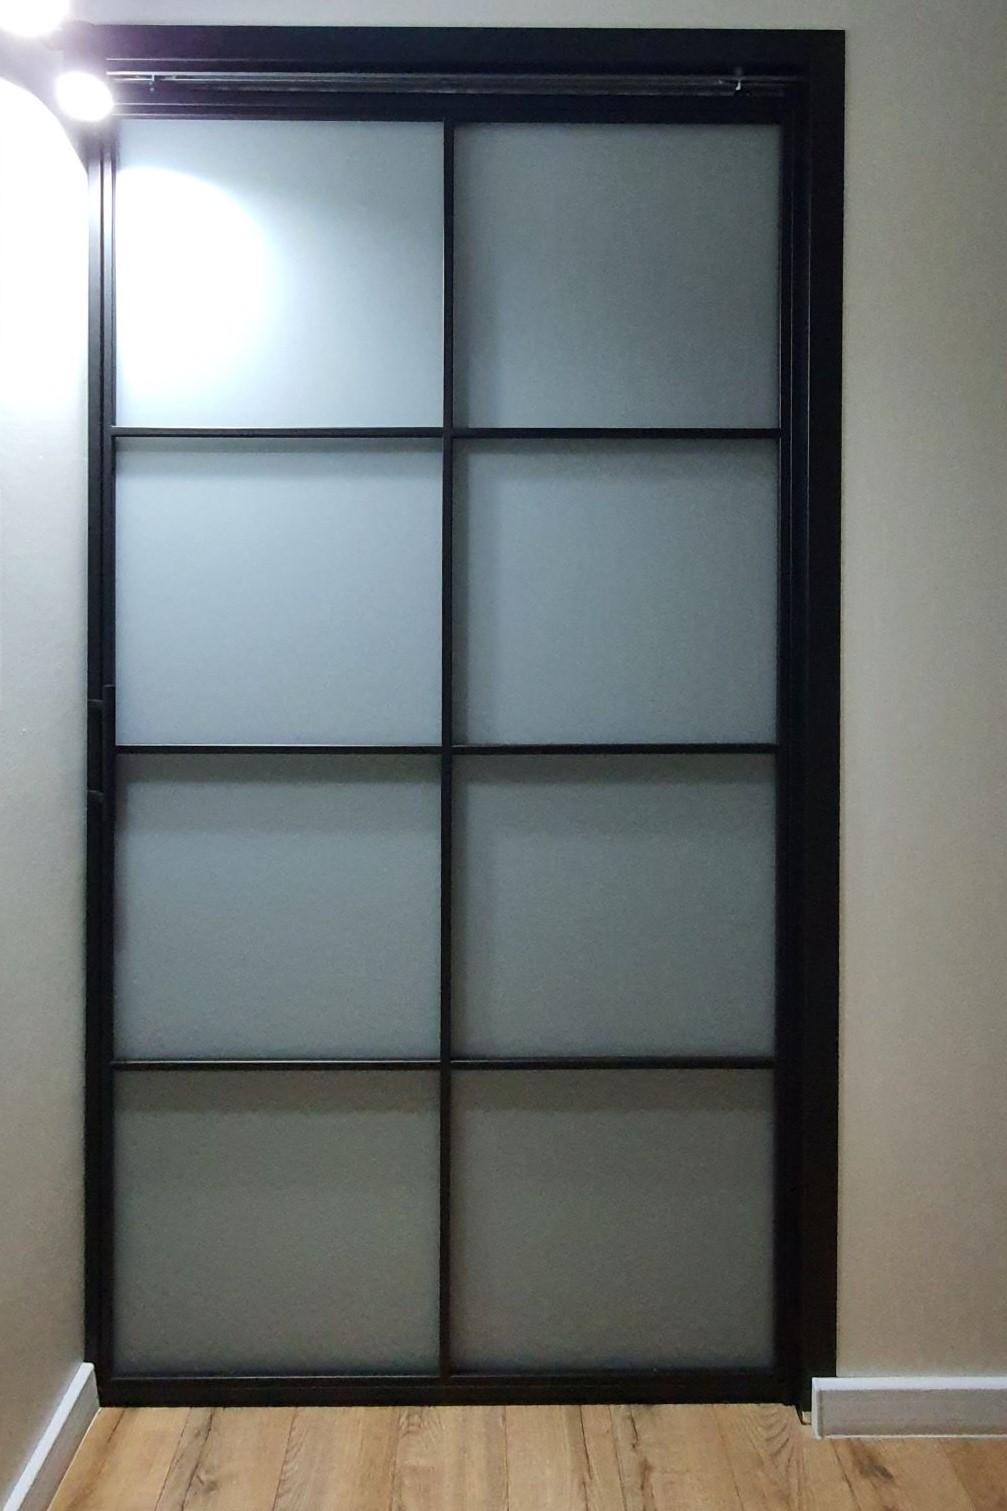 Loftowe drzwi przesuwane chowane w ścianie